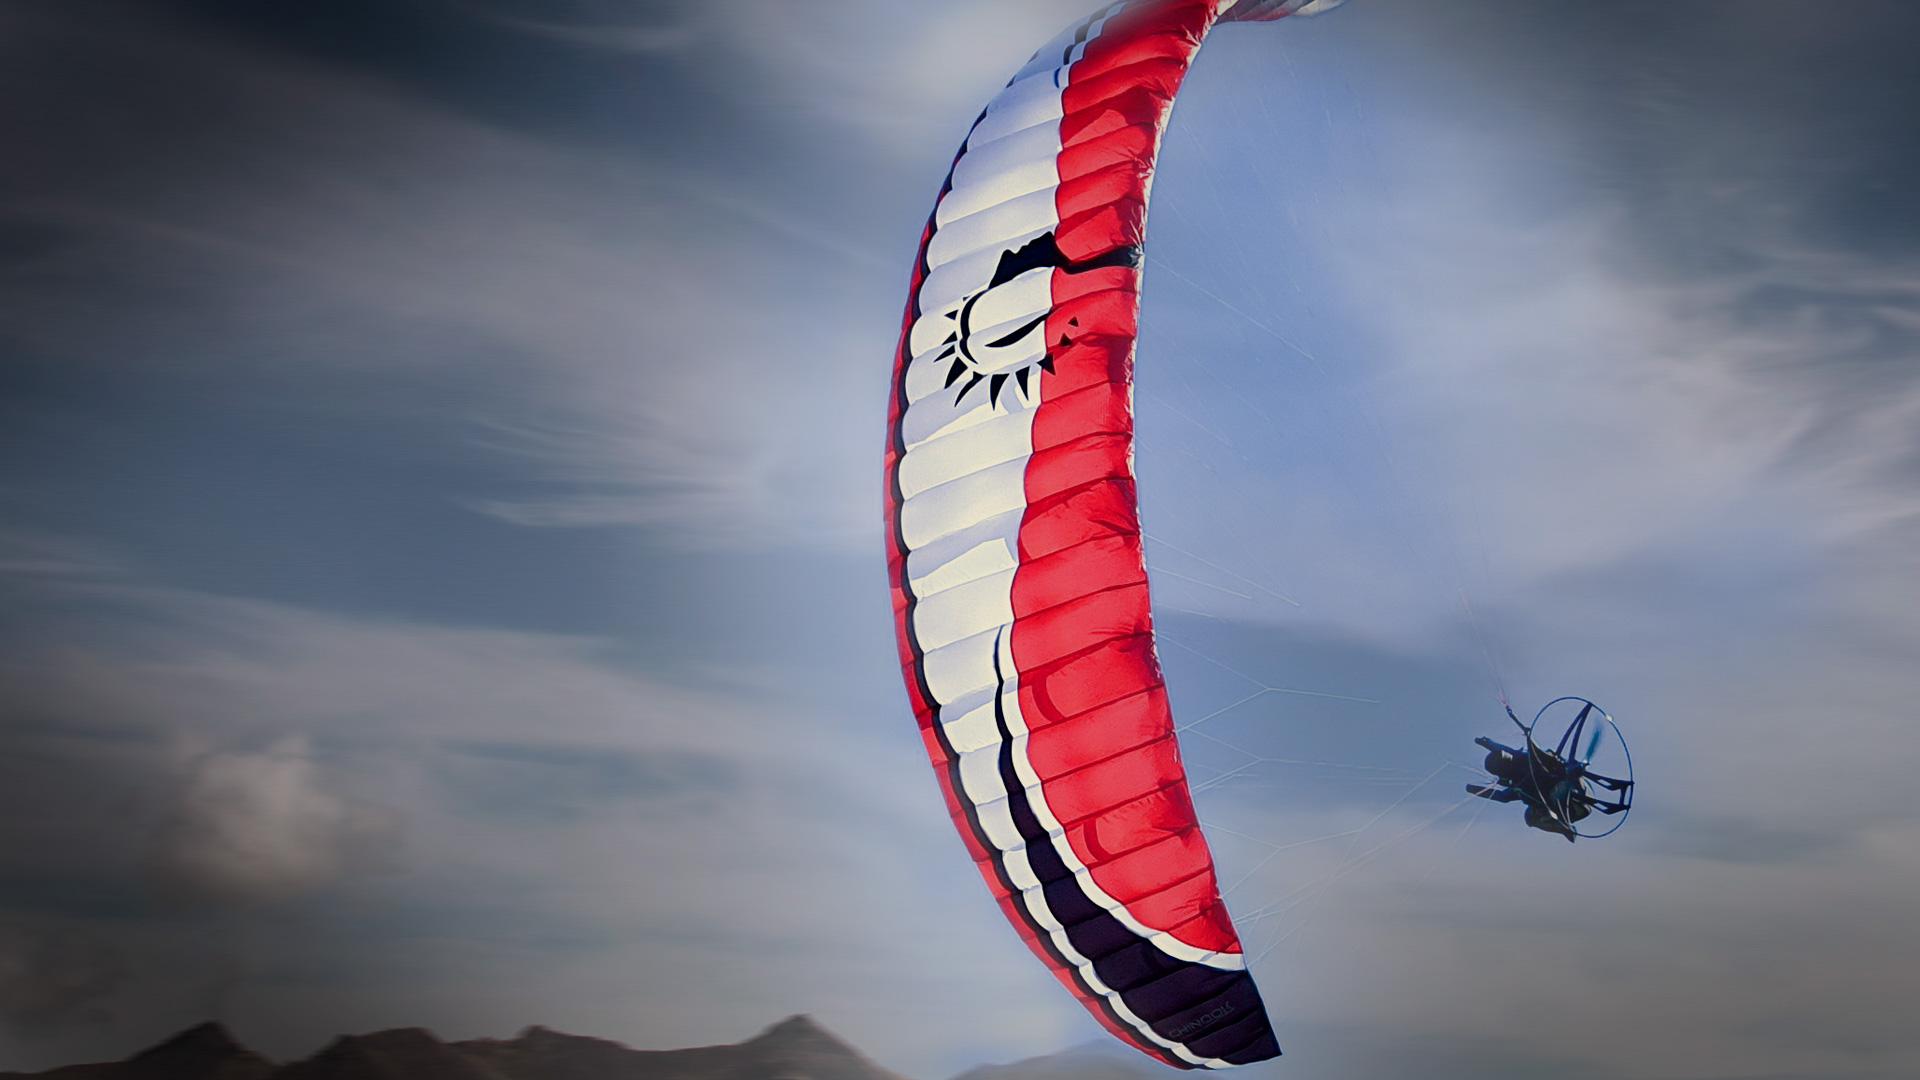 Chinook 2.8 RC Paraglider Cefics Punkair Skyman